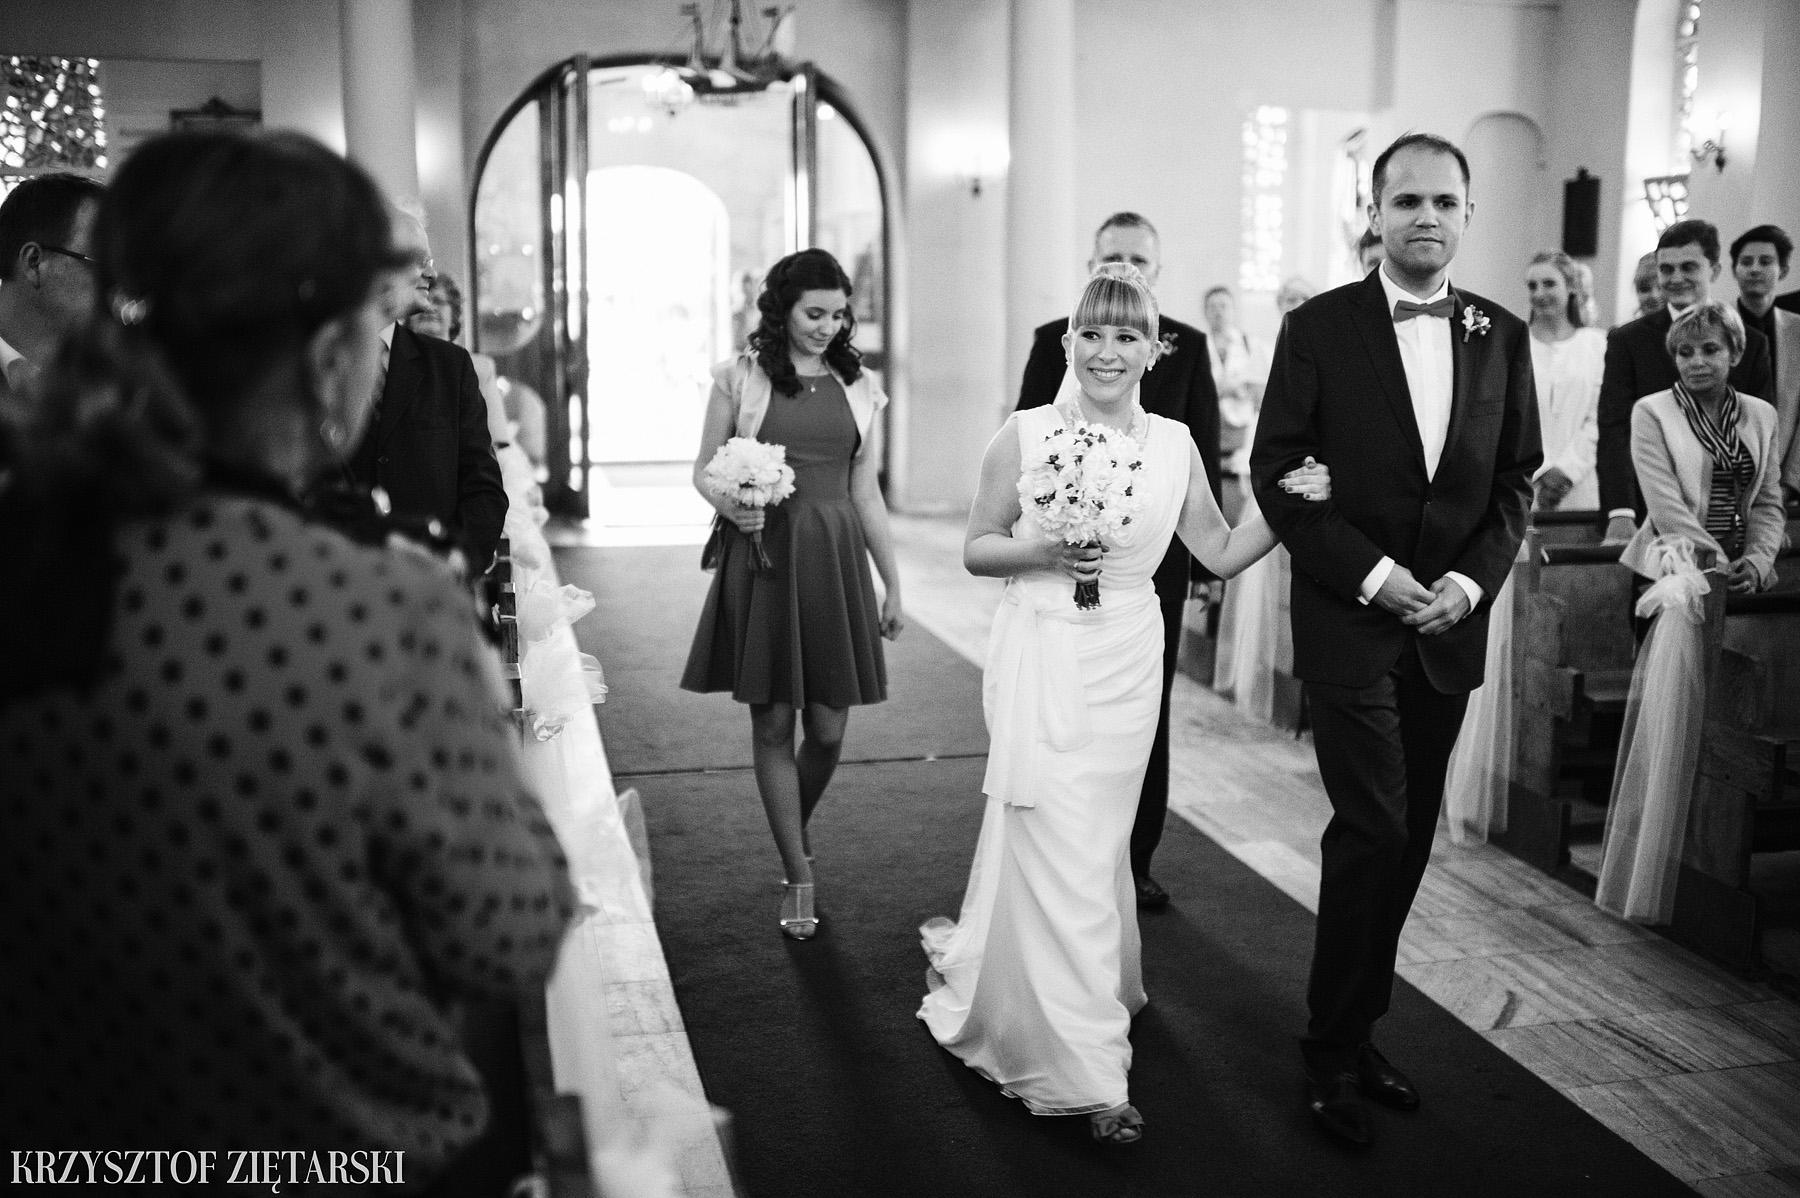 Ola i Grzegorz - Fotografia ślubna Gdynia, Kolegiata NMP, wesele restauracja COCO, plener na Darze Pomorza - 15.